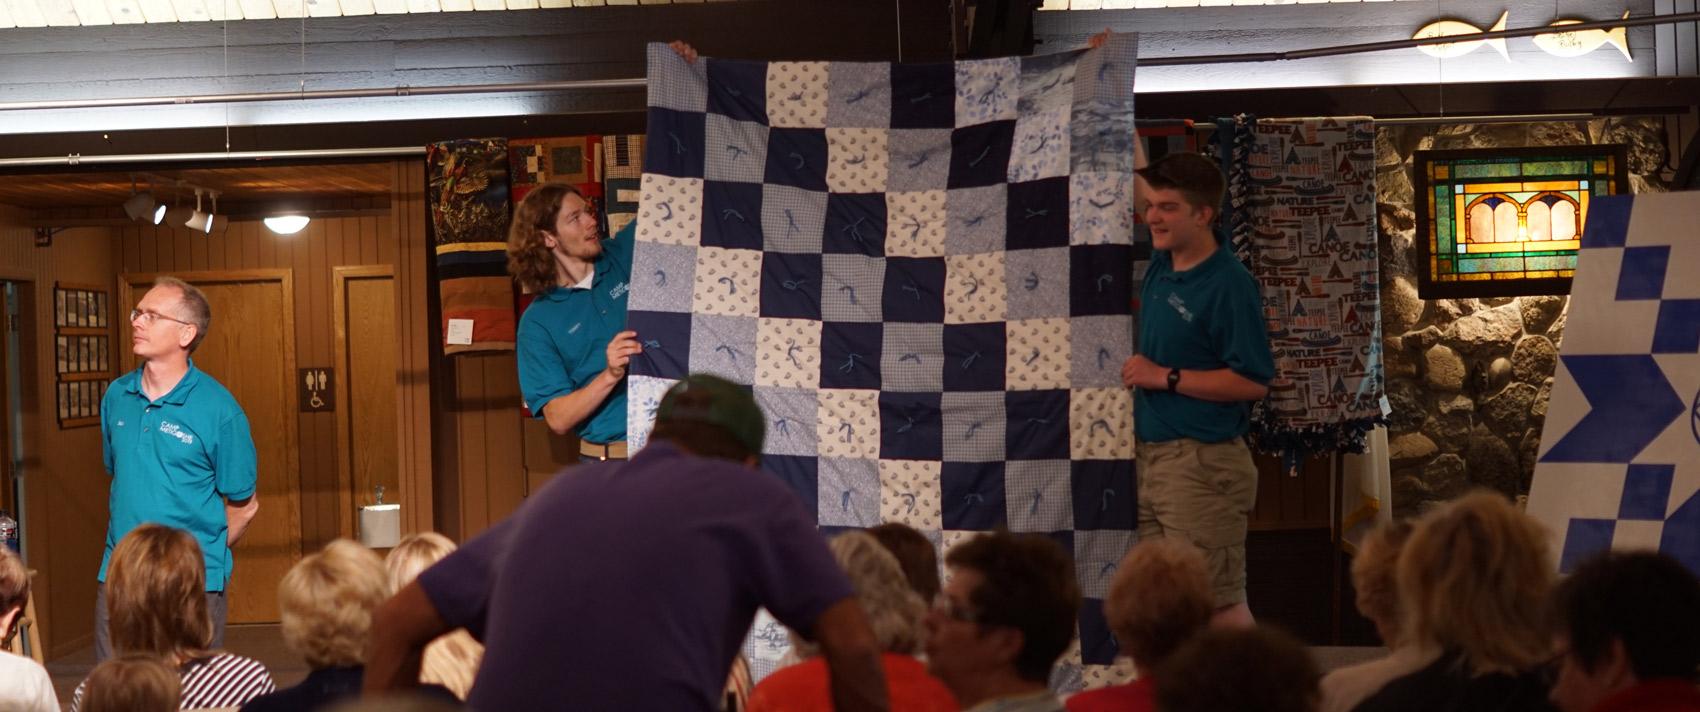 quilts quilt auction